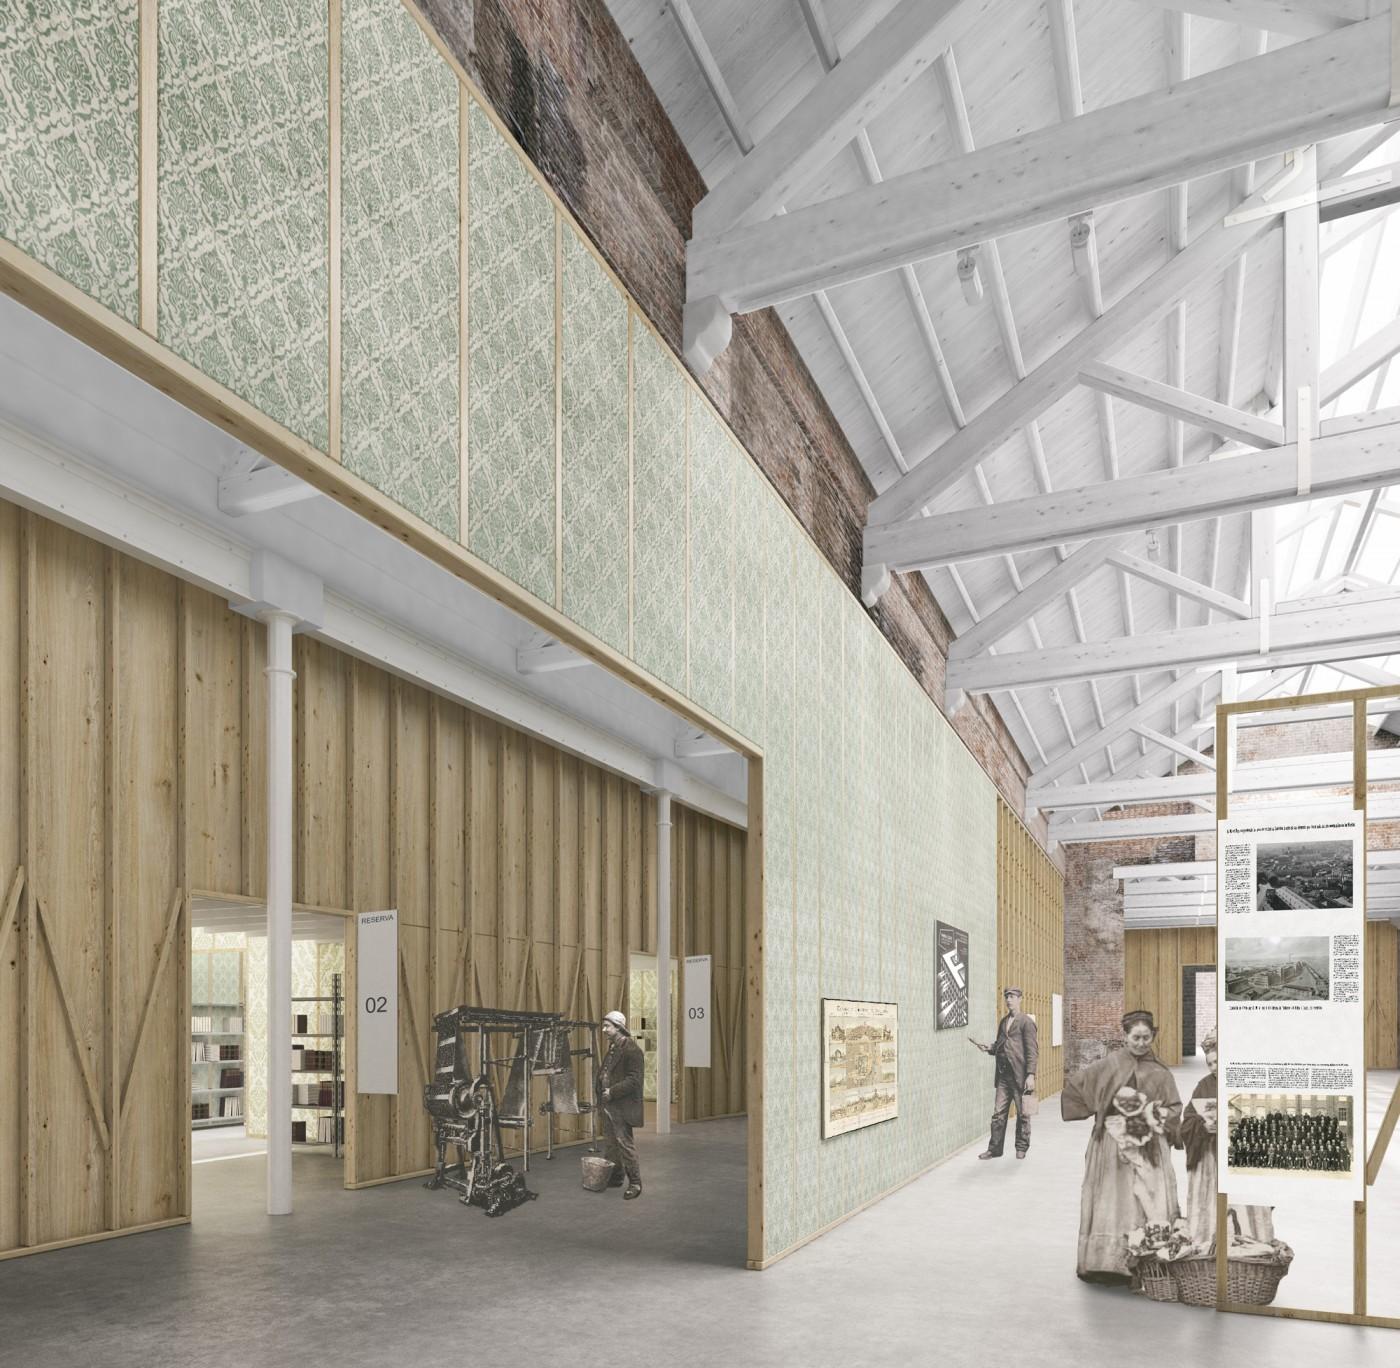 Centre interpretació del treball i la ciutat